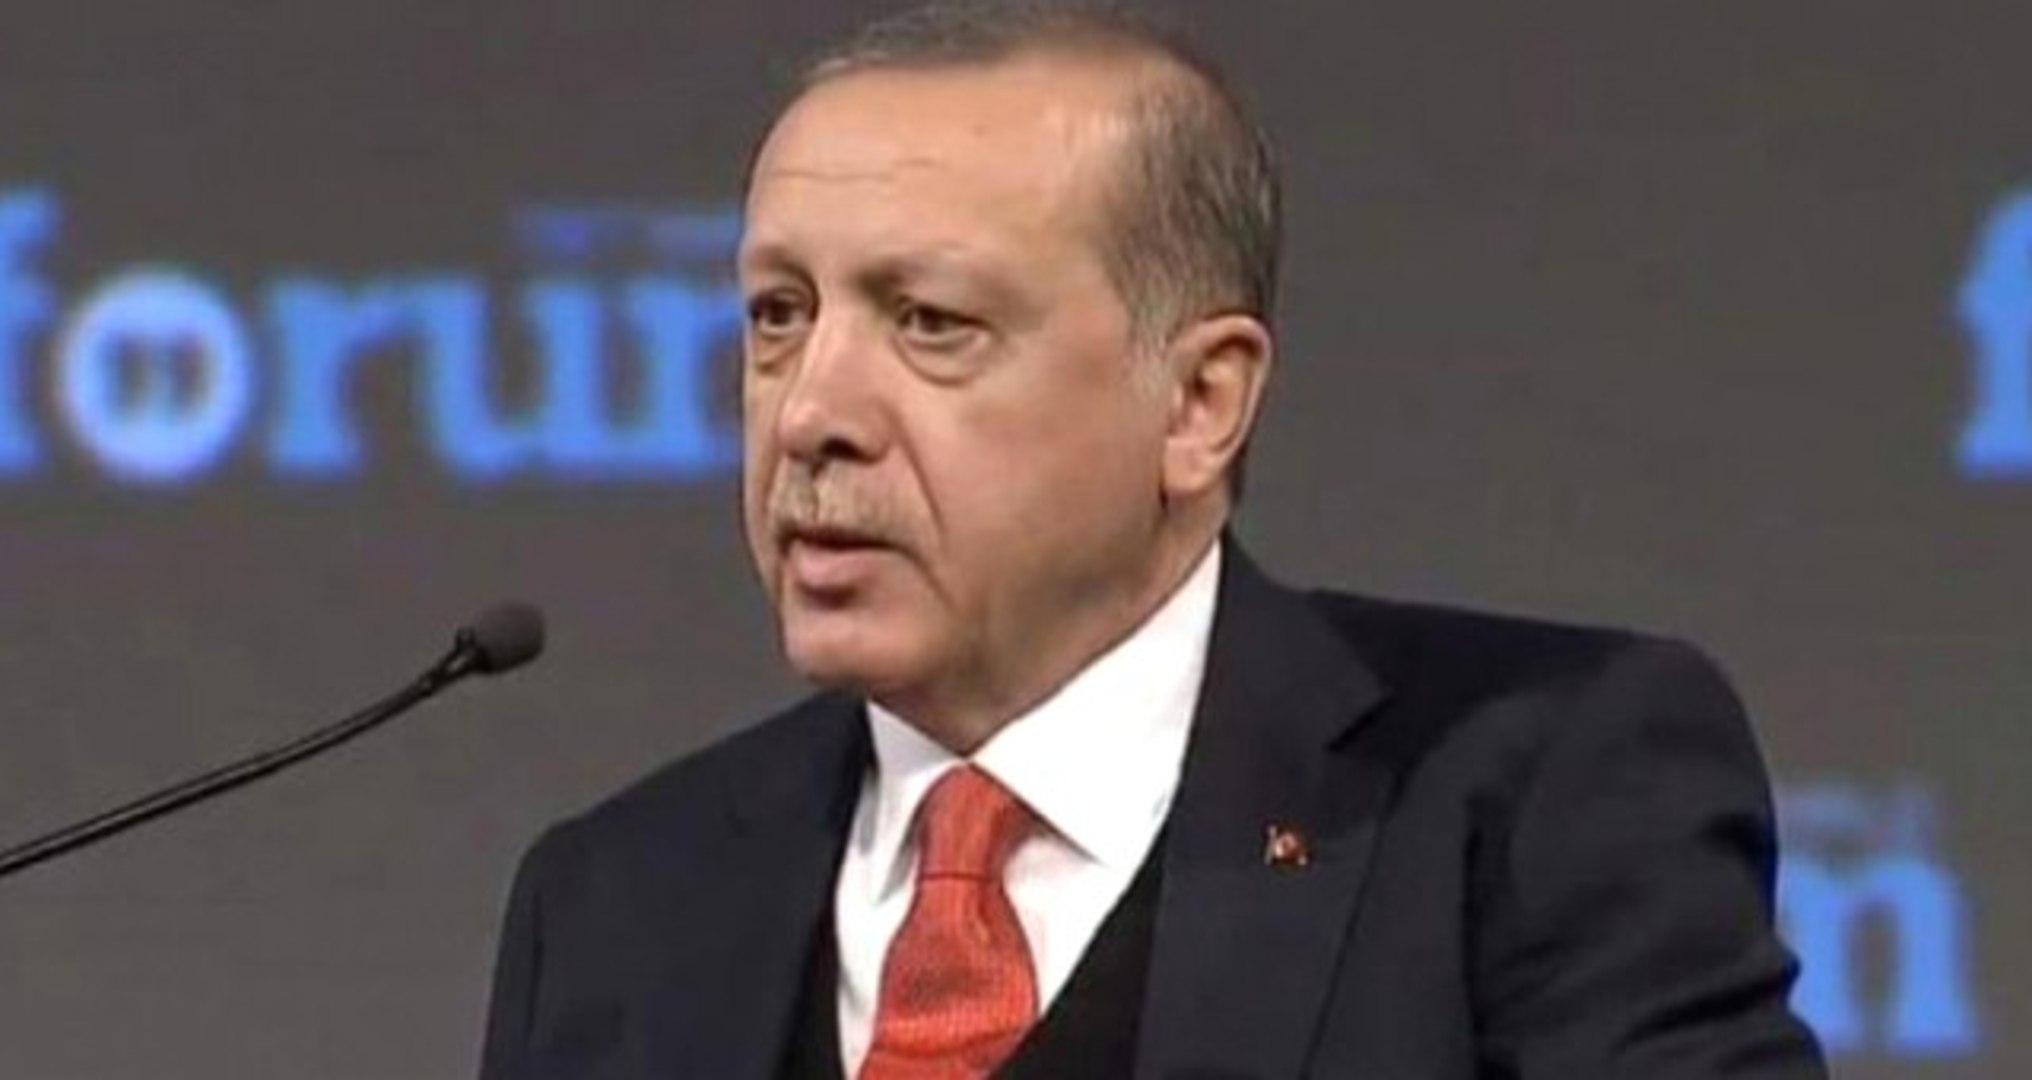 Erdoğan, Vize Krizinin Çözümü İçin 4 Şart Koşan ABD'den FETÖ Elebaşını İstedi!